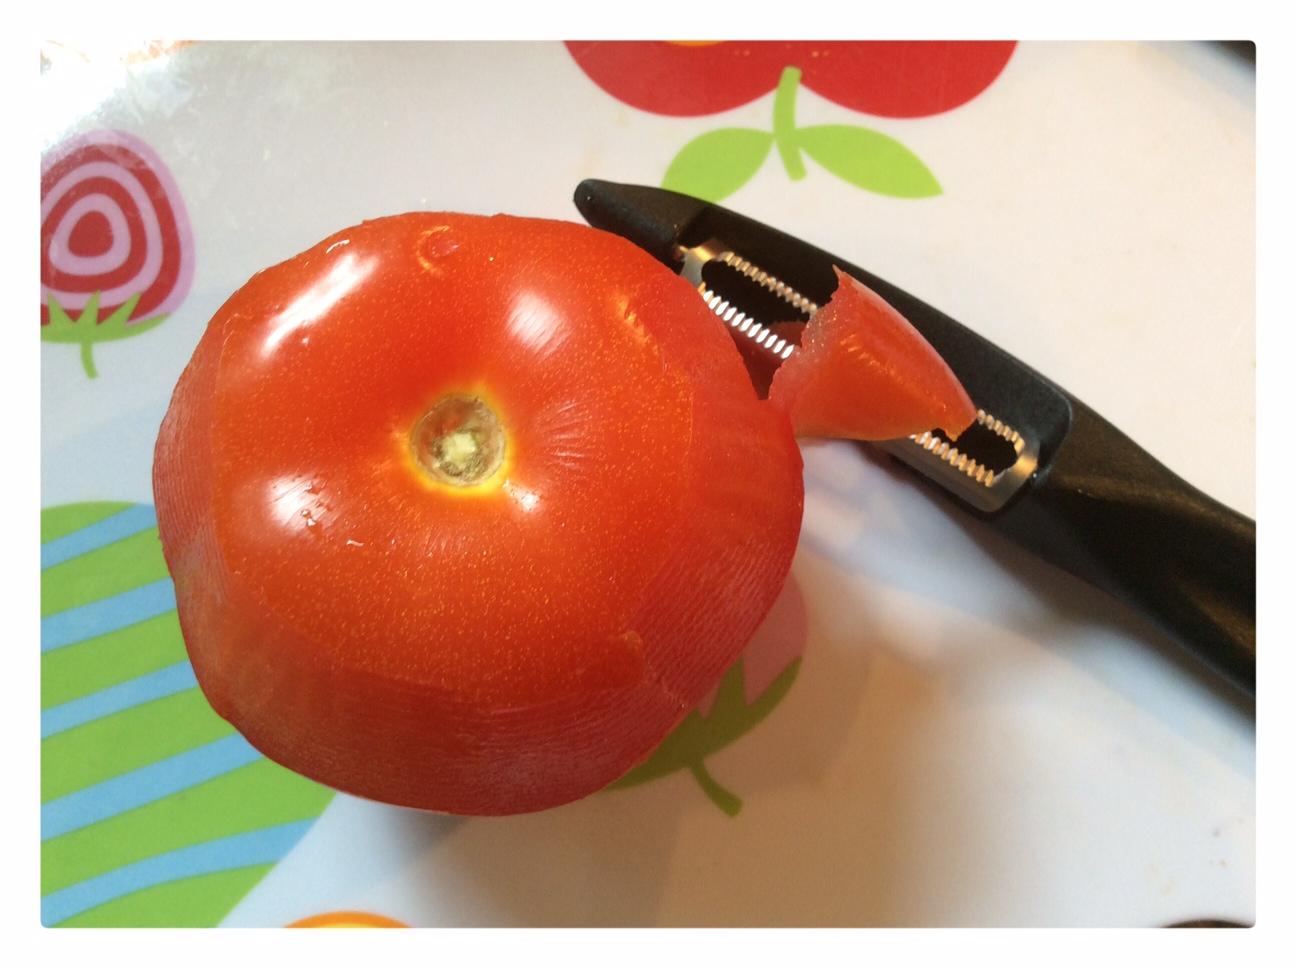 Nella foto si vede la pelatura di un pomodoro con un pelapomodori